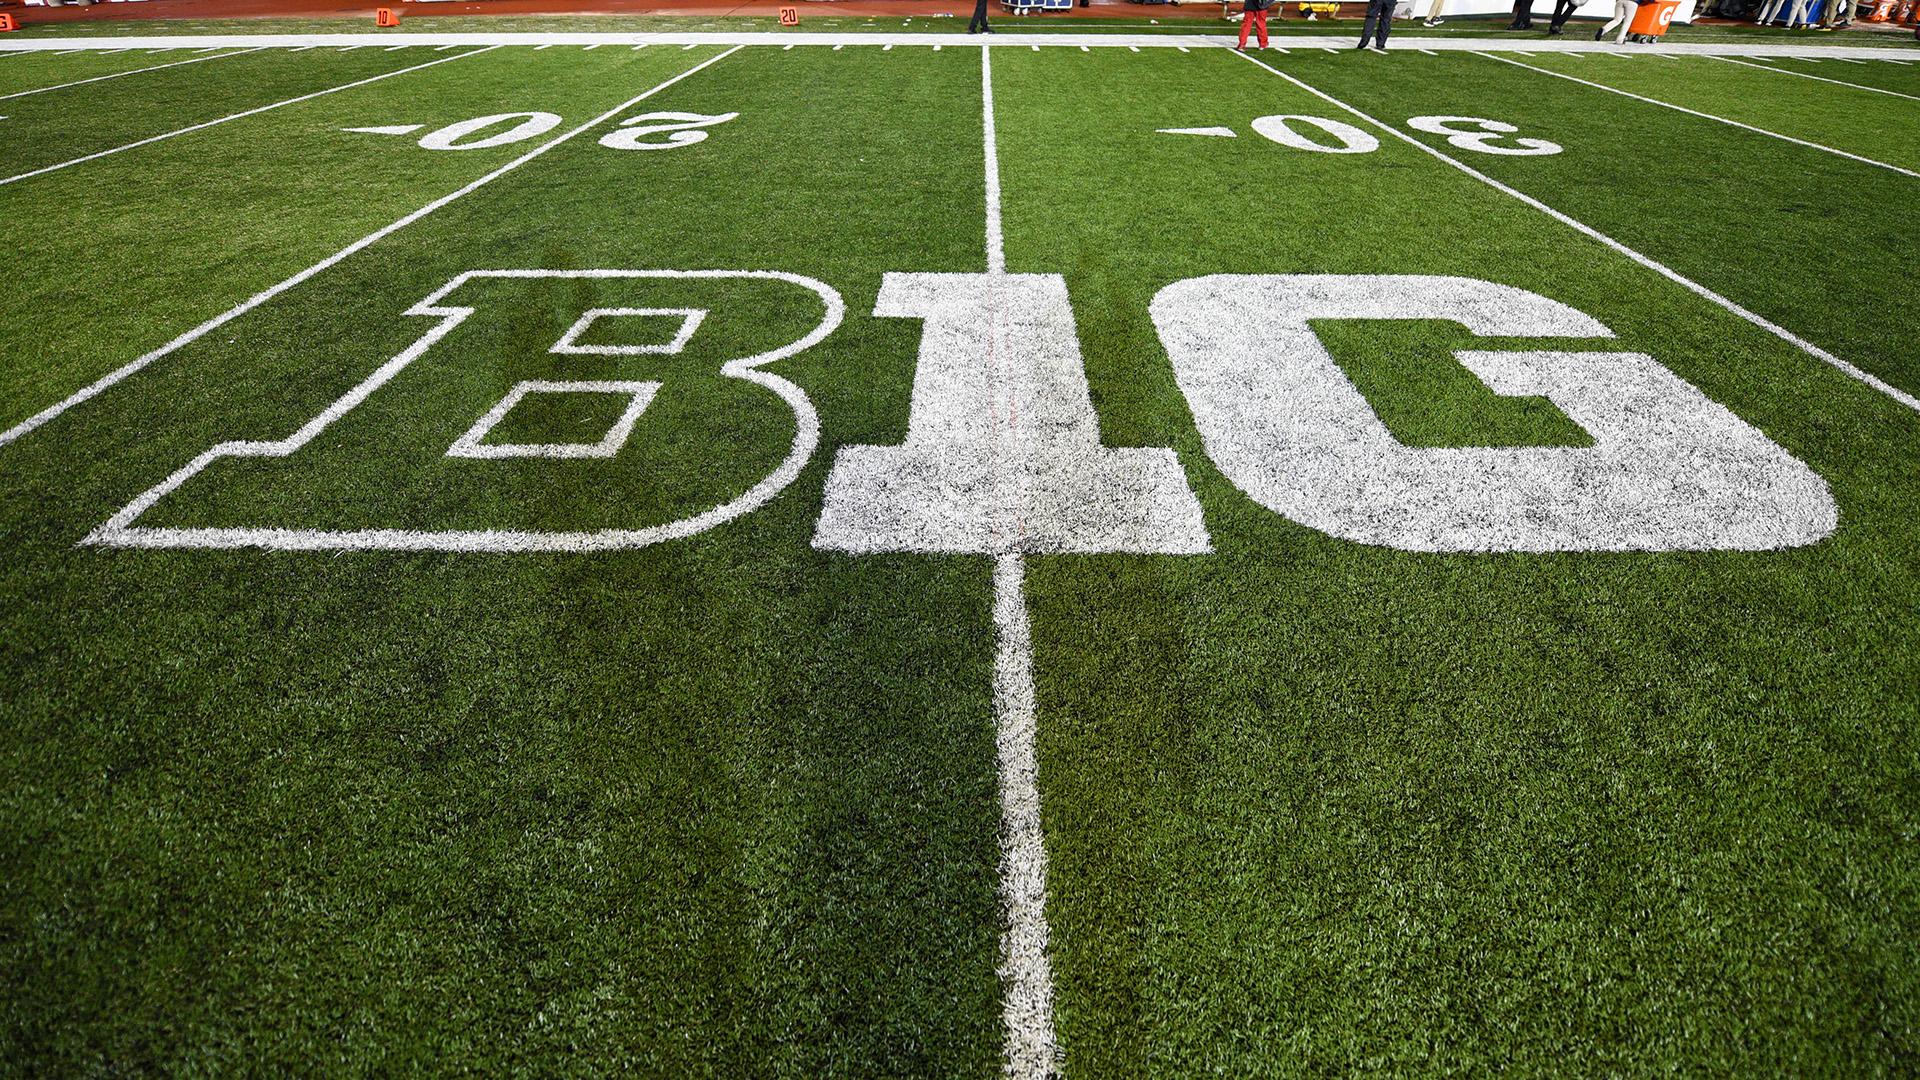 Northwestern-Michigan game to honor B10's 1st Black player